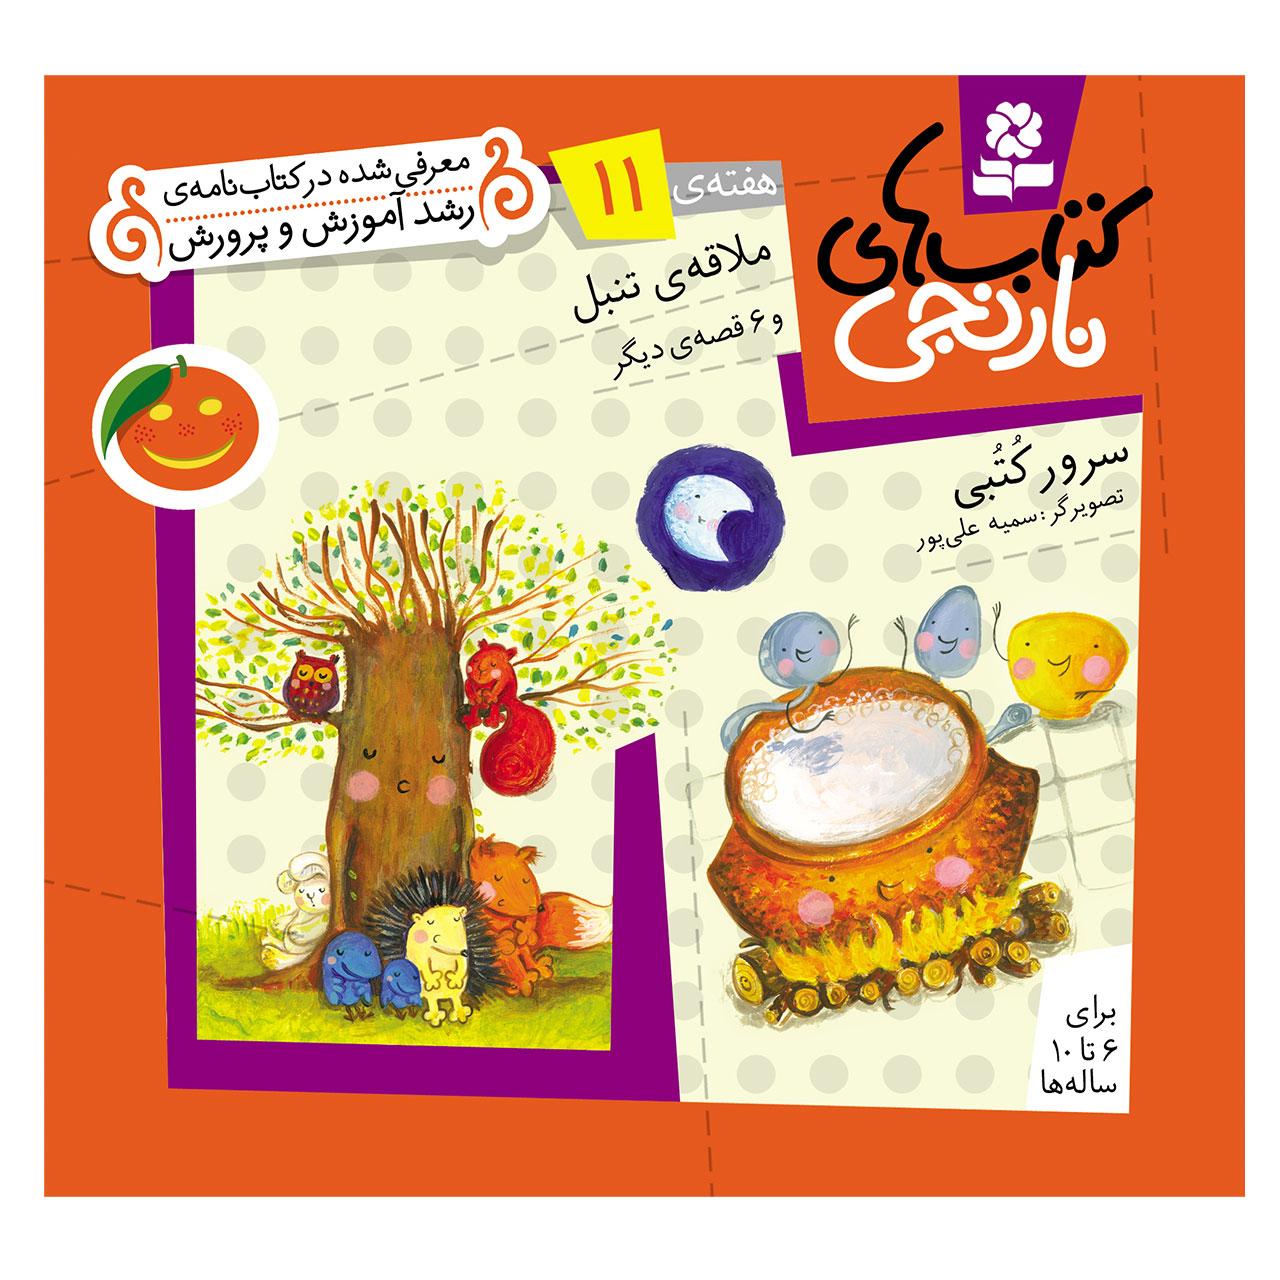 خرید                      کتاب نارنجی هفته ی 11 ملاقه ی تنبل و 6 قصه ی دیگر اثر سرور کتبی انتشارات قدیانی